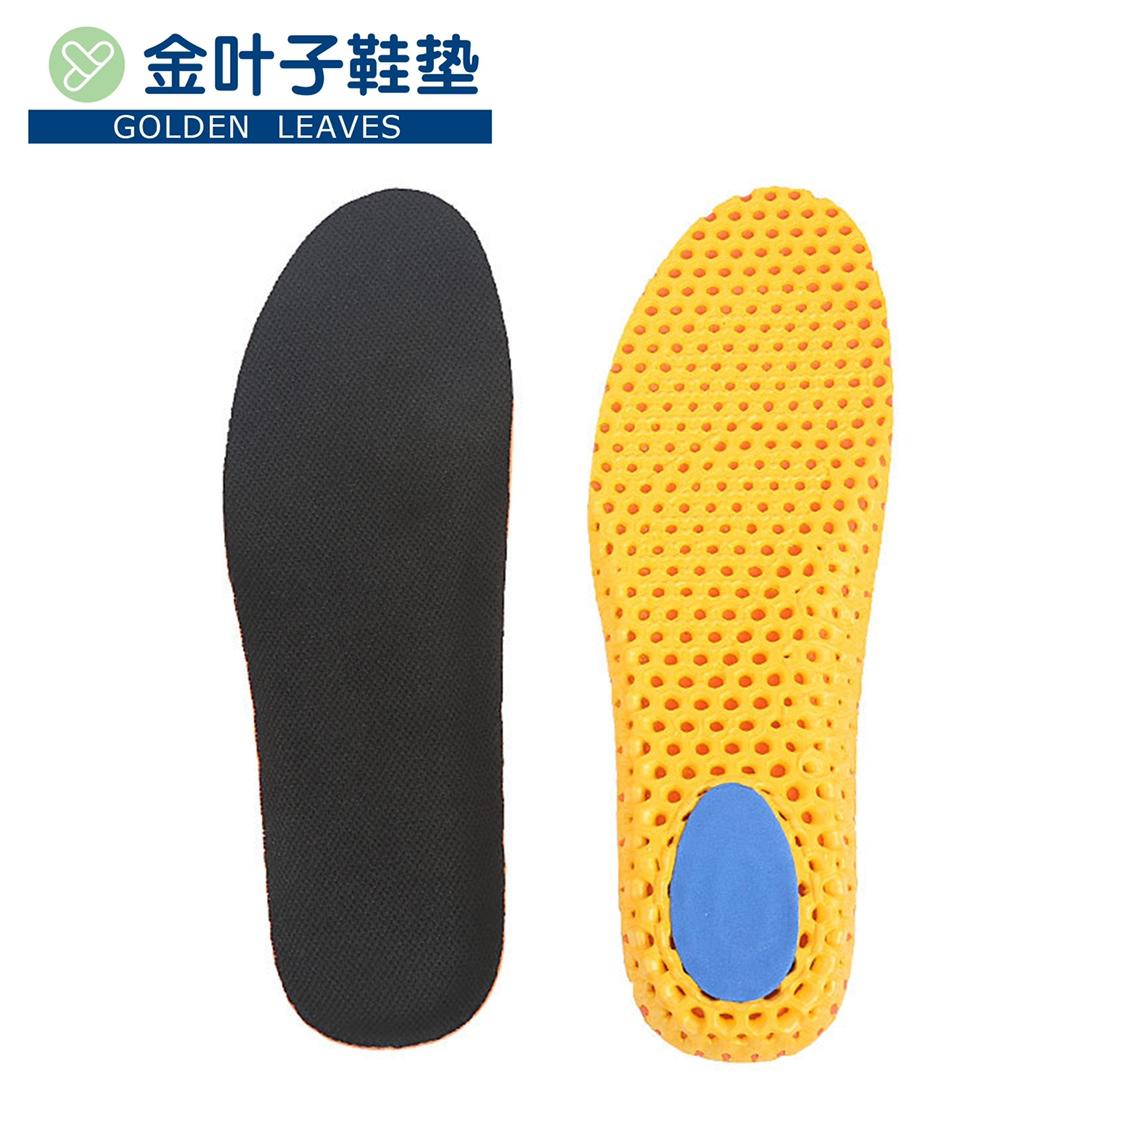 亚马逊运动鞋垫减震运动休闲舒适鞋垫透气软鞋垫加厚蜂窝-男款